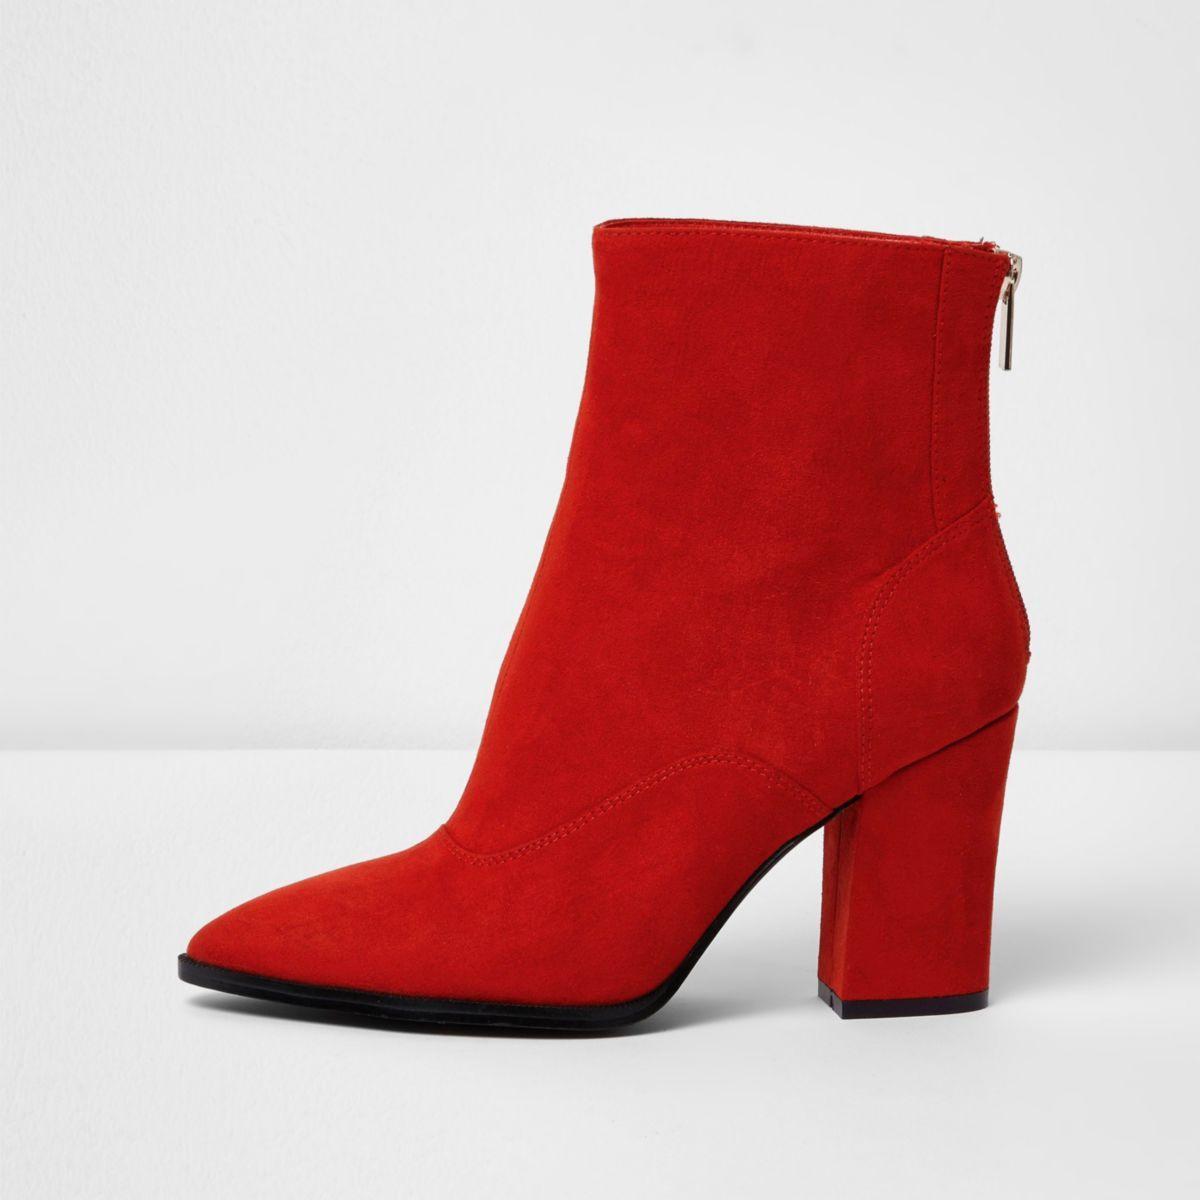 Bottines pointues rouges à talons carrés coupe large   Chaussures ... cbee3b5e50f2